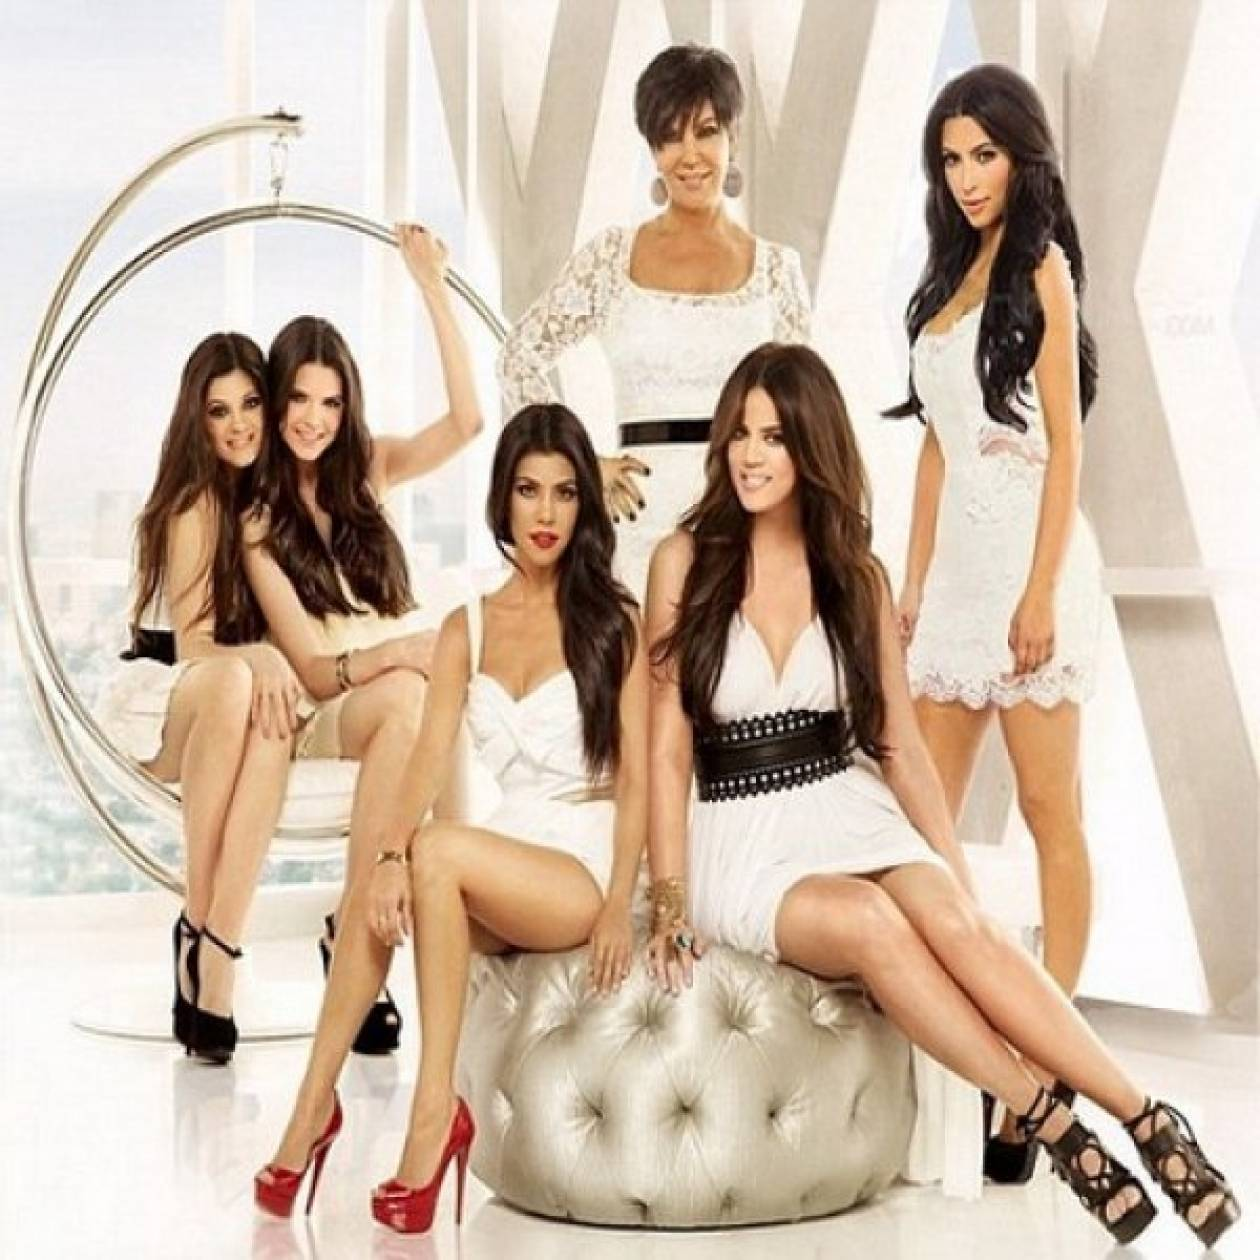 Ποιά Kardashian είναι απεγνωσμένη για δημοσιότητα;